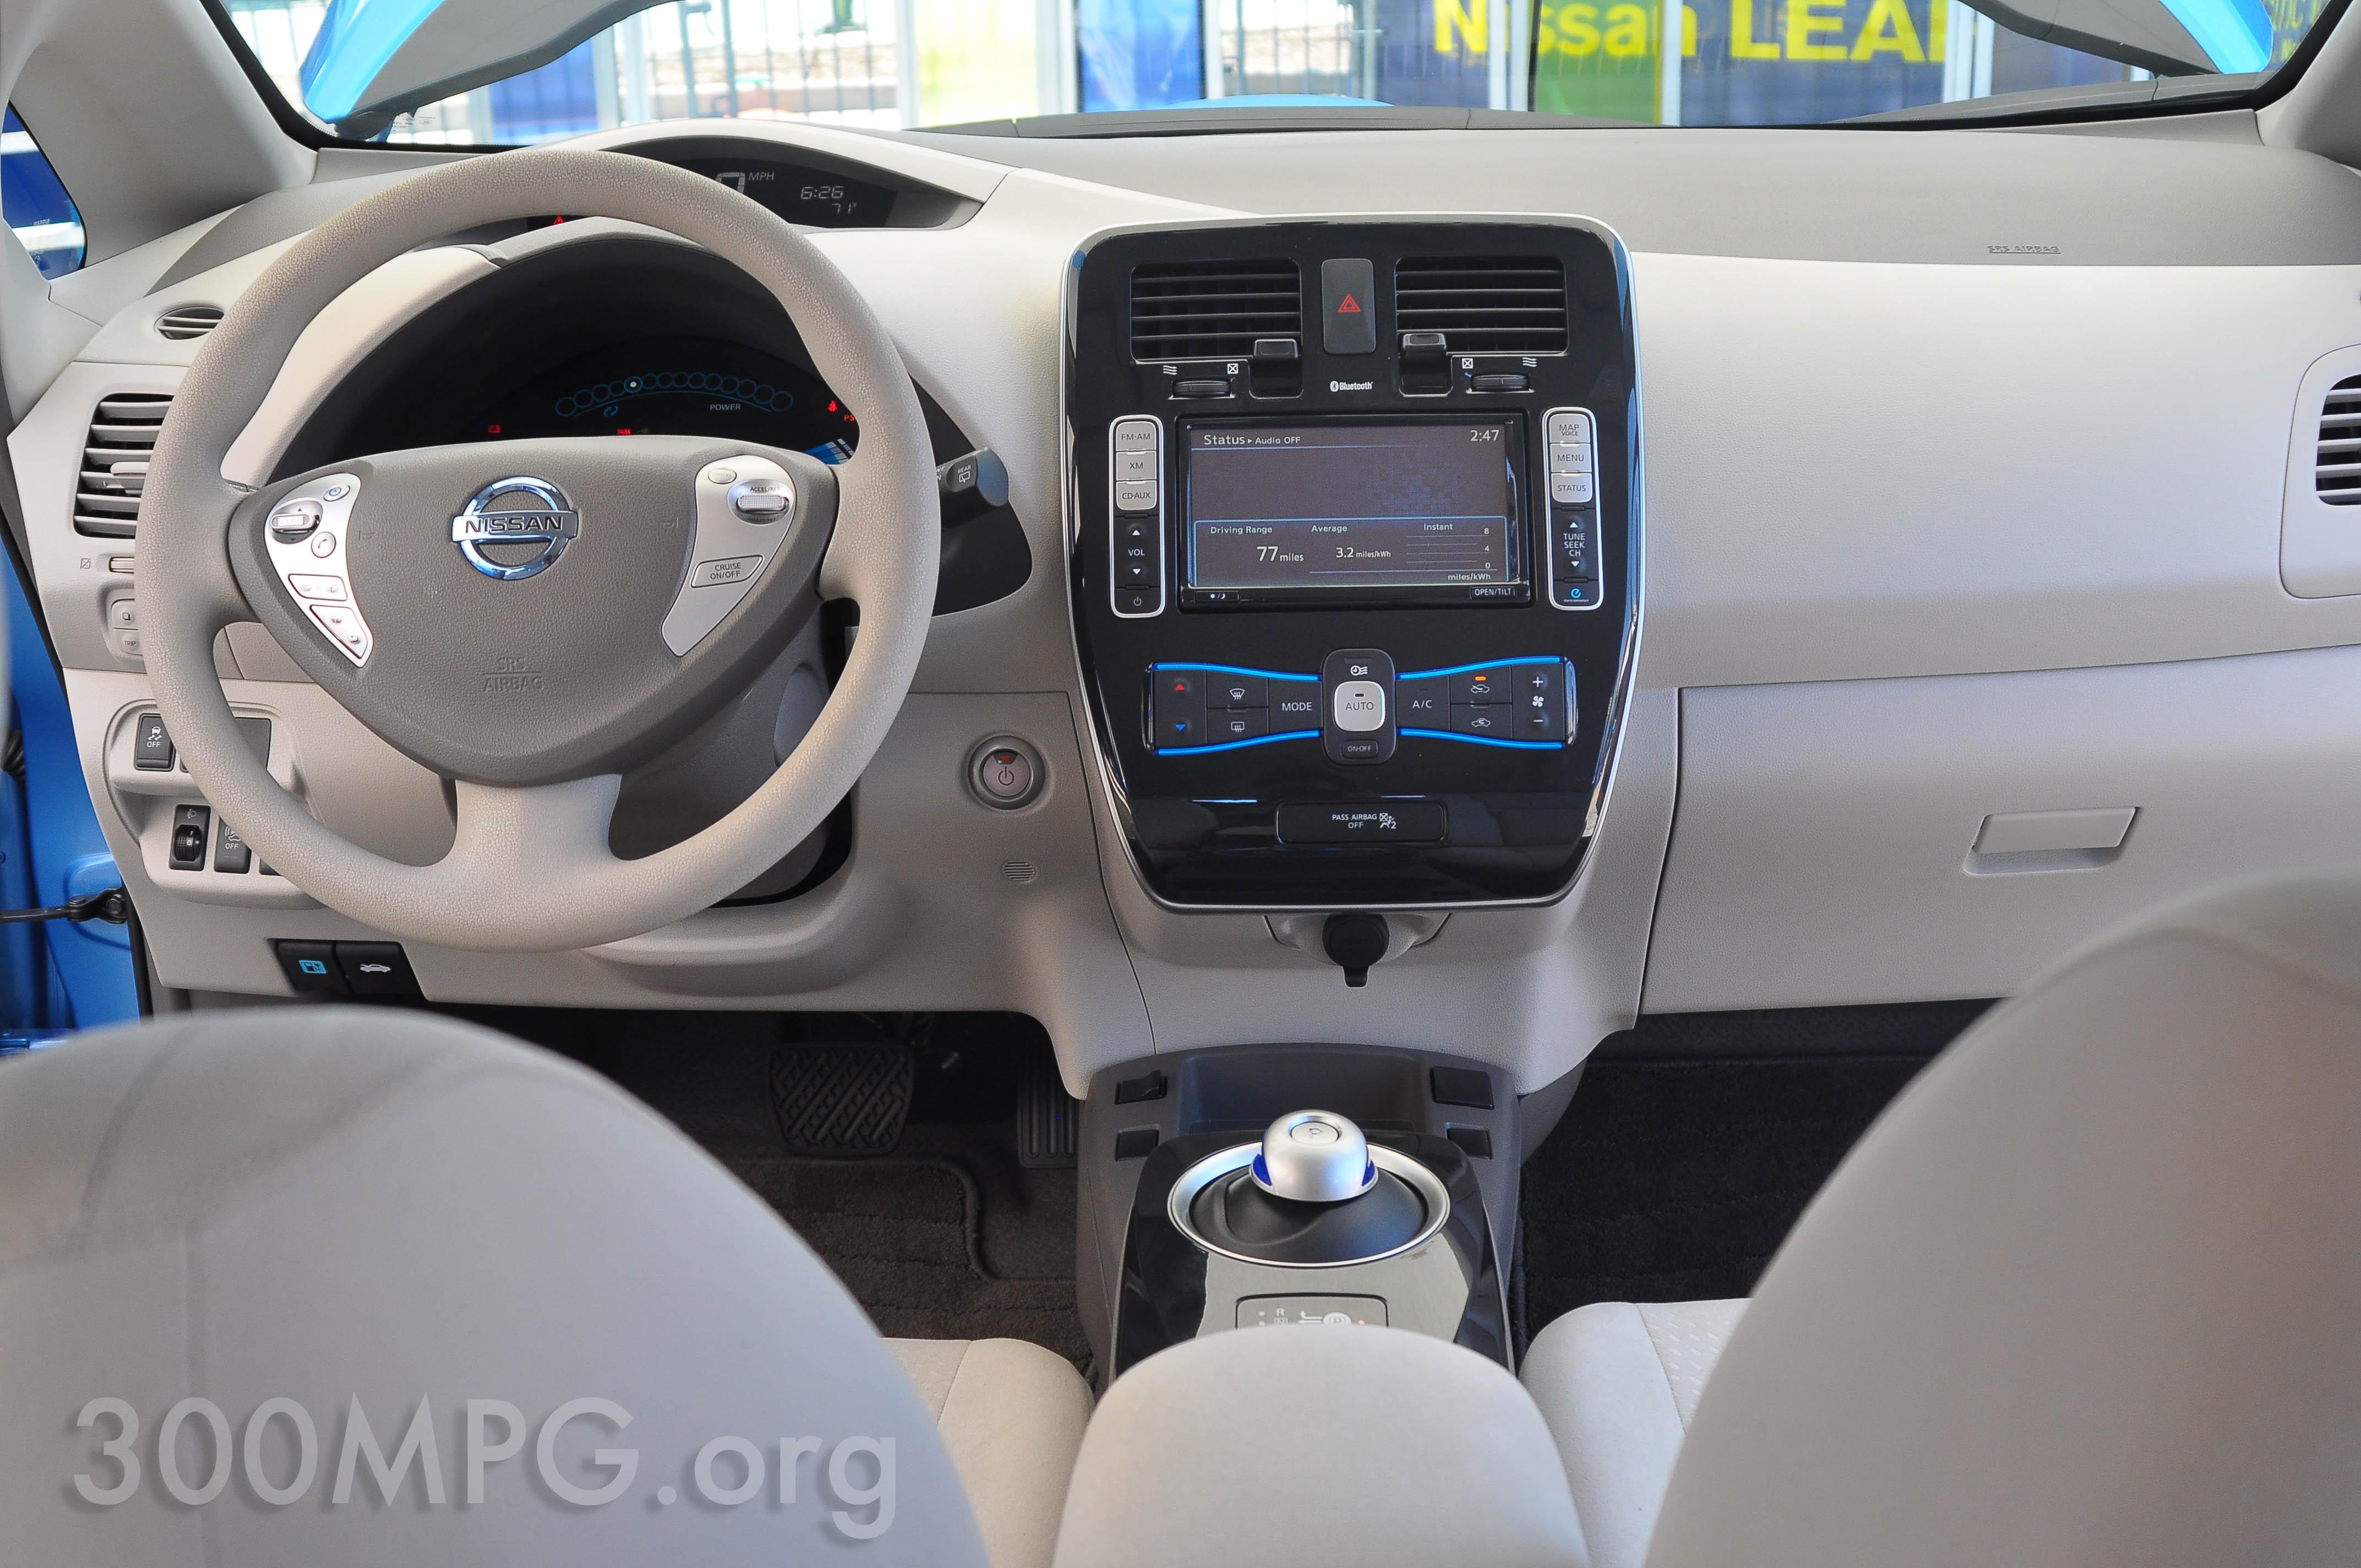 Nissan test drive chicago nissan leaf interior vanachro Gallery